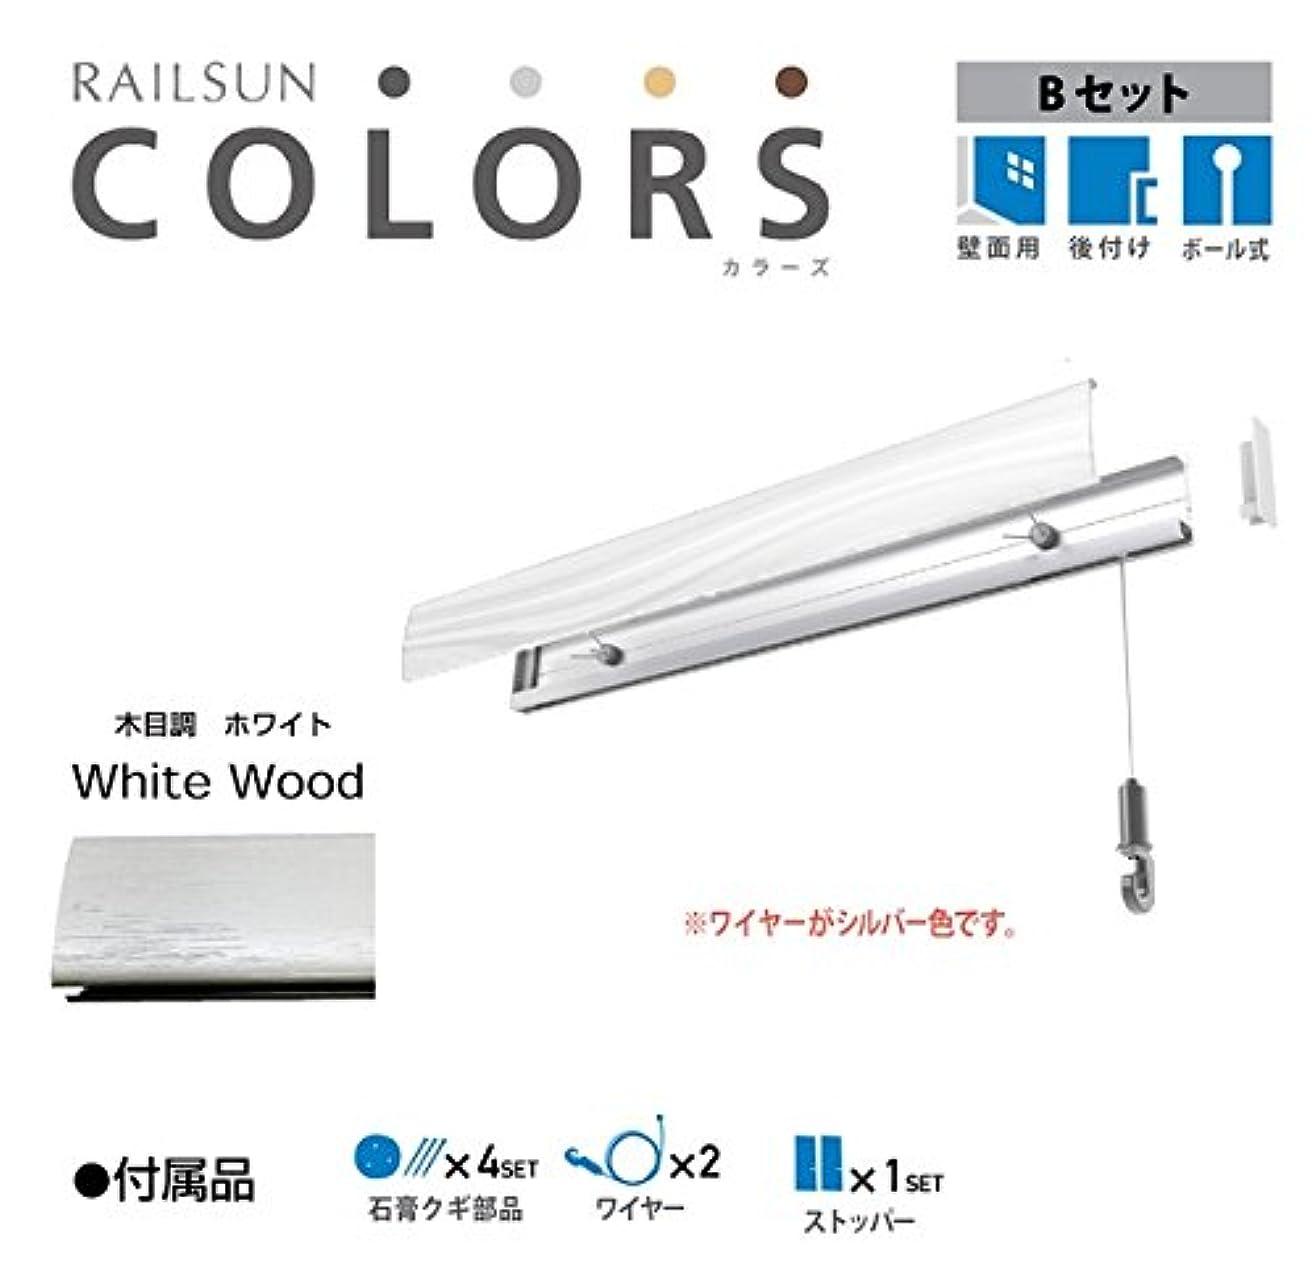 ソーセージマトロン十分ピクチャーレール 石膏ボード用 RAILSUN COLORS 木目調ホワイト Bset 100cm(RC100B-1)